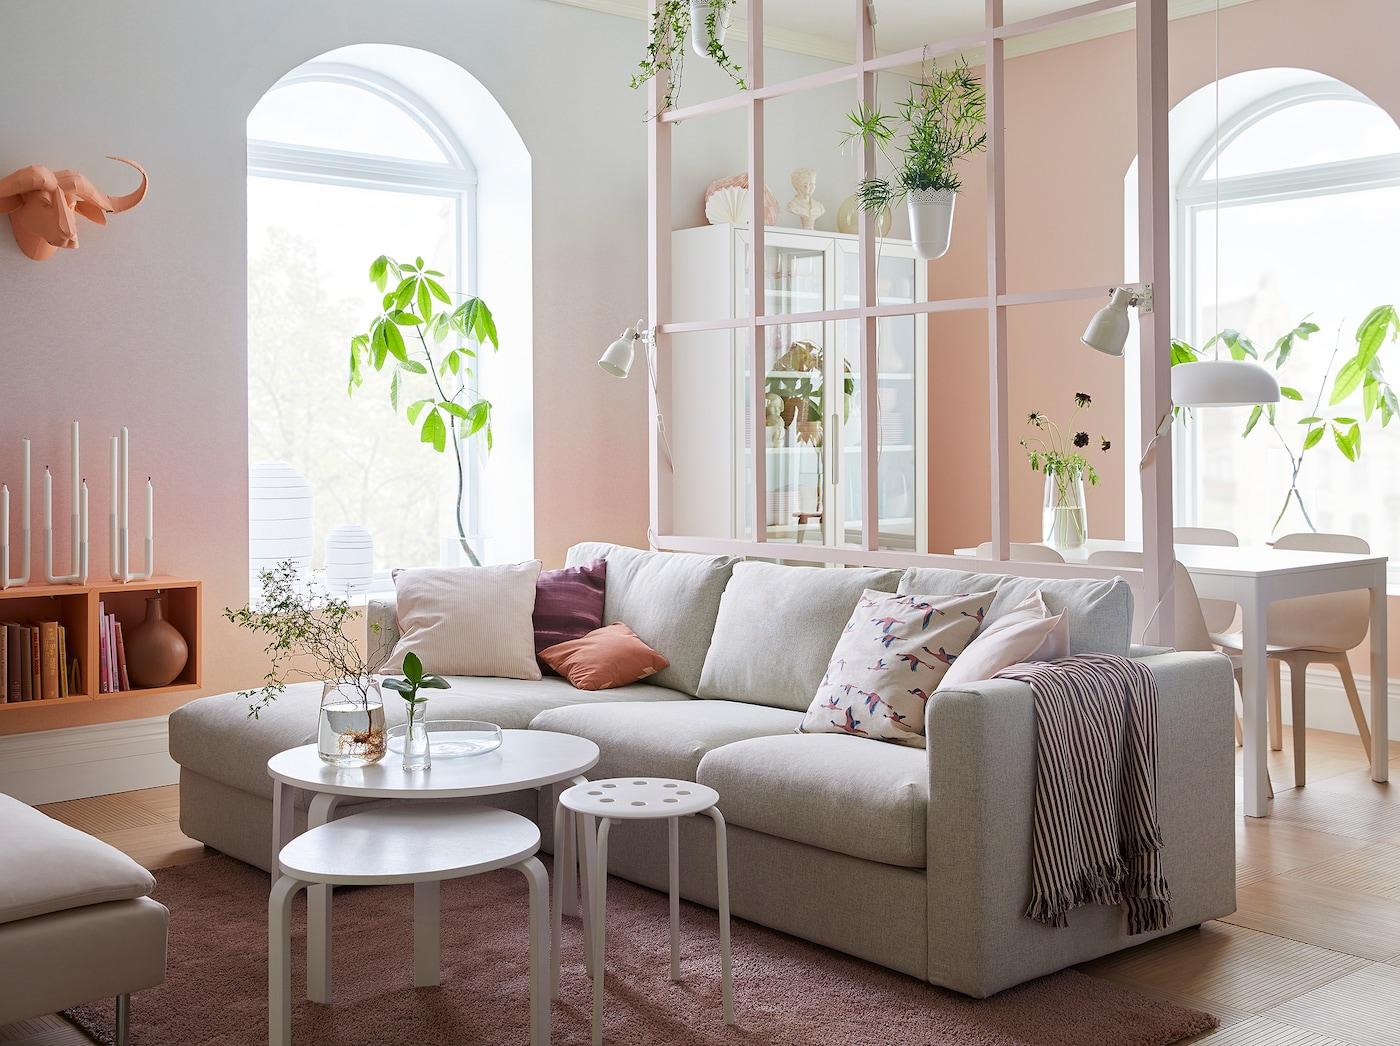 Hervorragend Ein Sofa, Das Sich Ganz An Den Raum Anpassen Lässt